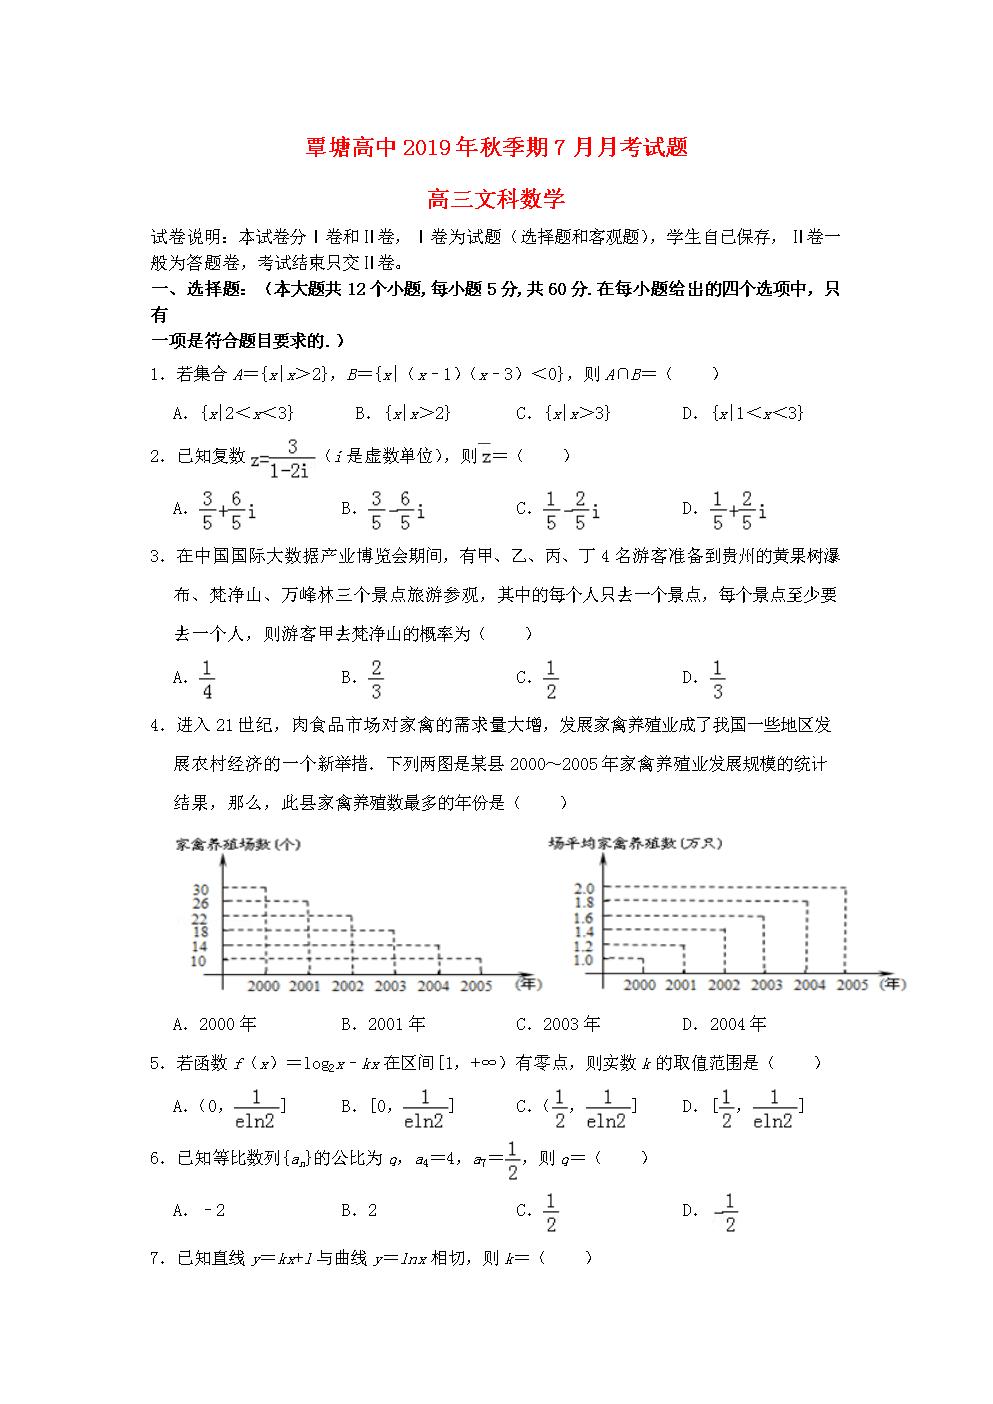 广西贵港市覃塘高级中学2020届高三数学7月月考试题文(含答案).doc